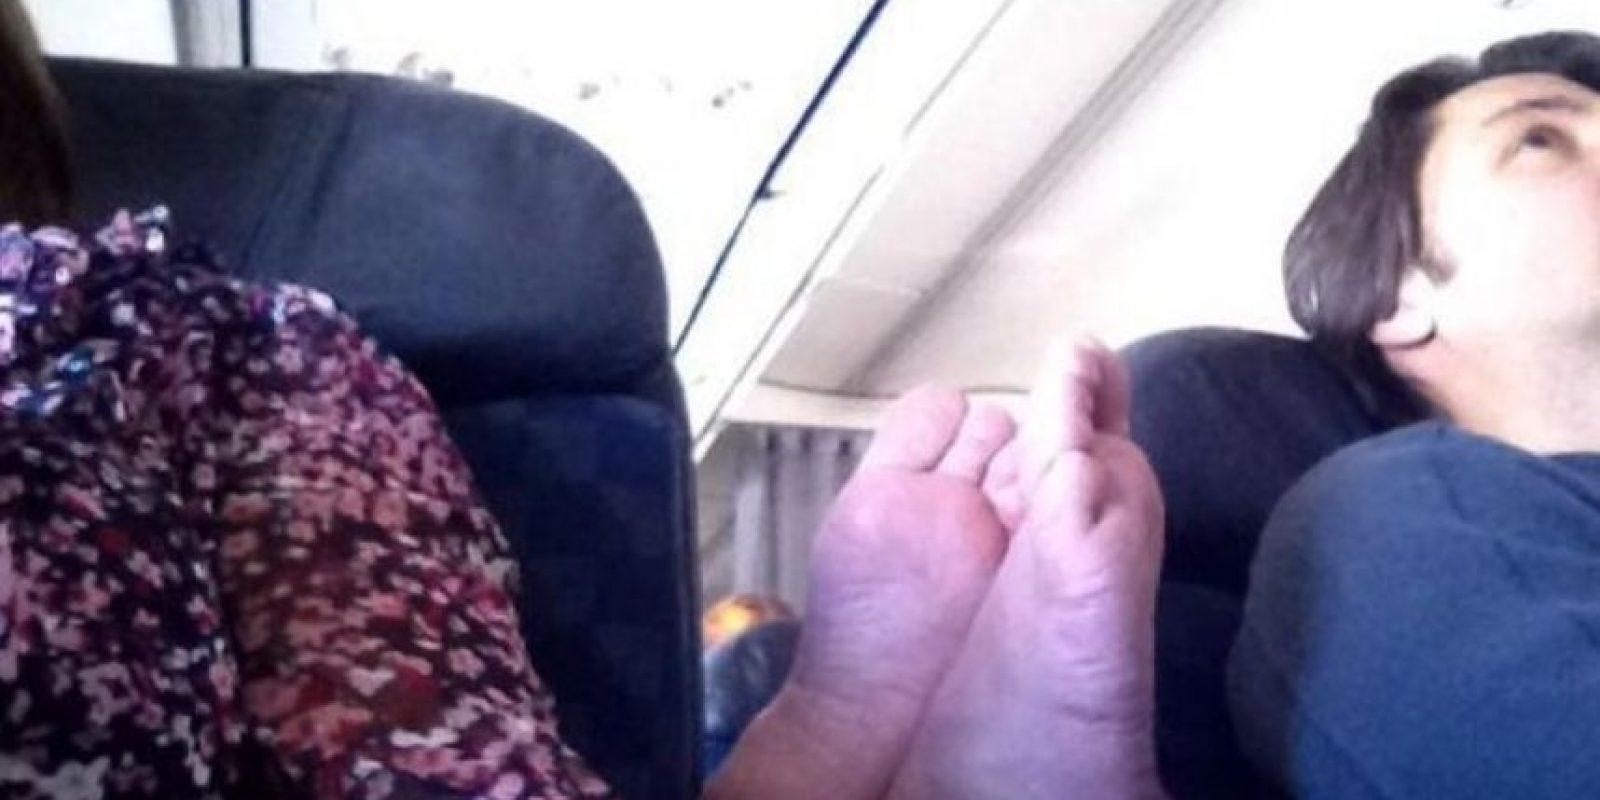 Nunca faltan los pies desnudos entre los asientos de un avión. Foto:We Know Meme